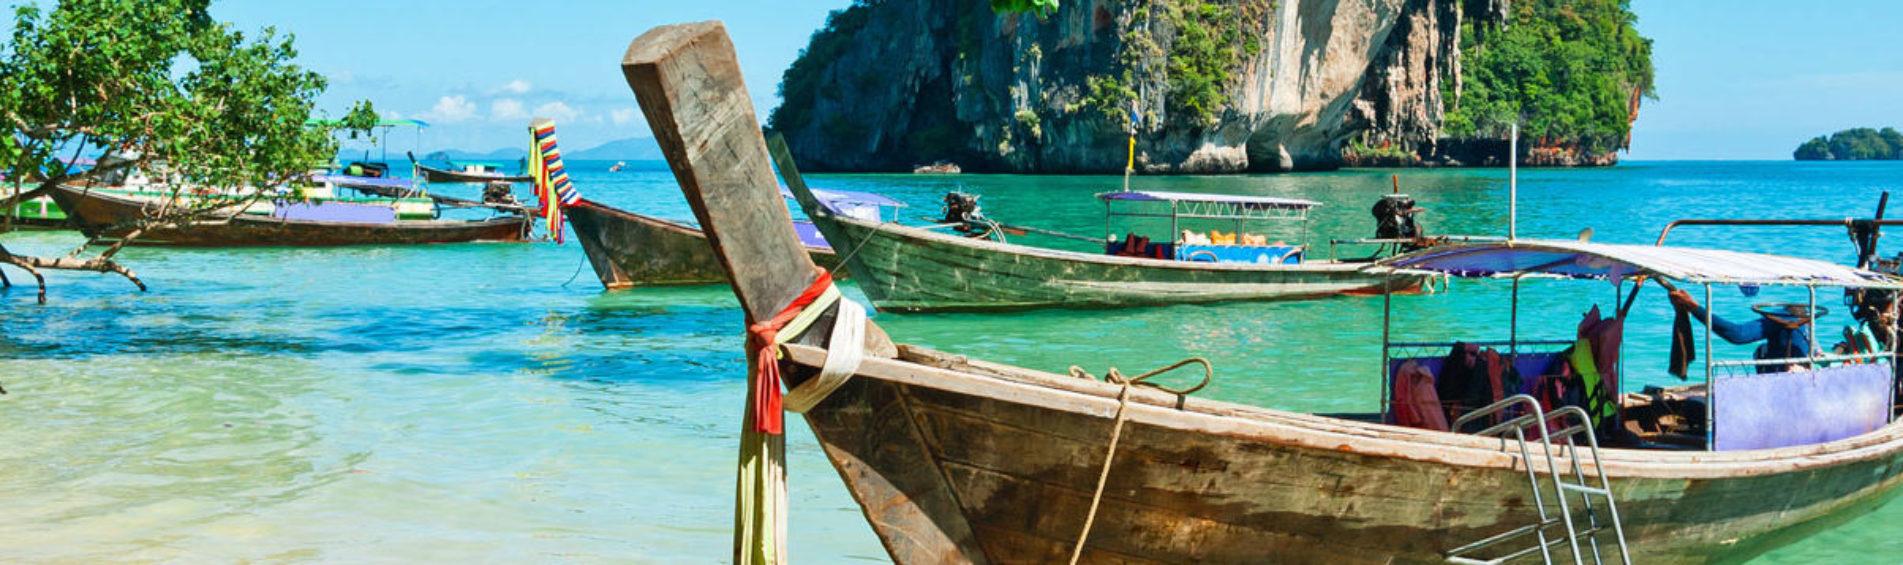 Comment organiser son voyage avec agence ou soi-même en Thaïlande ?